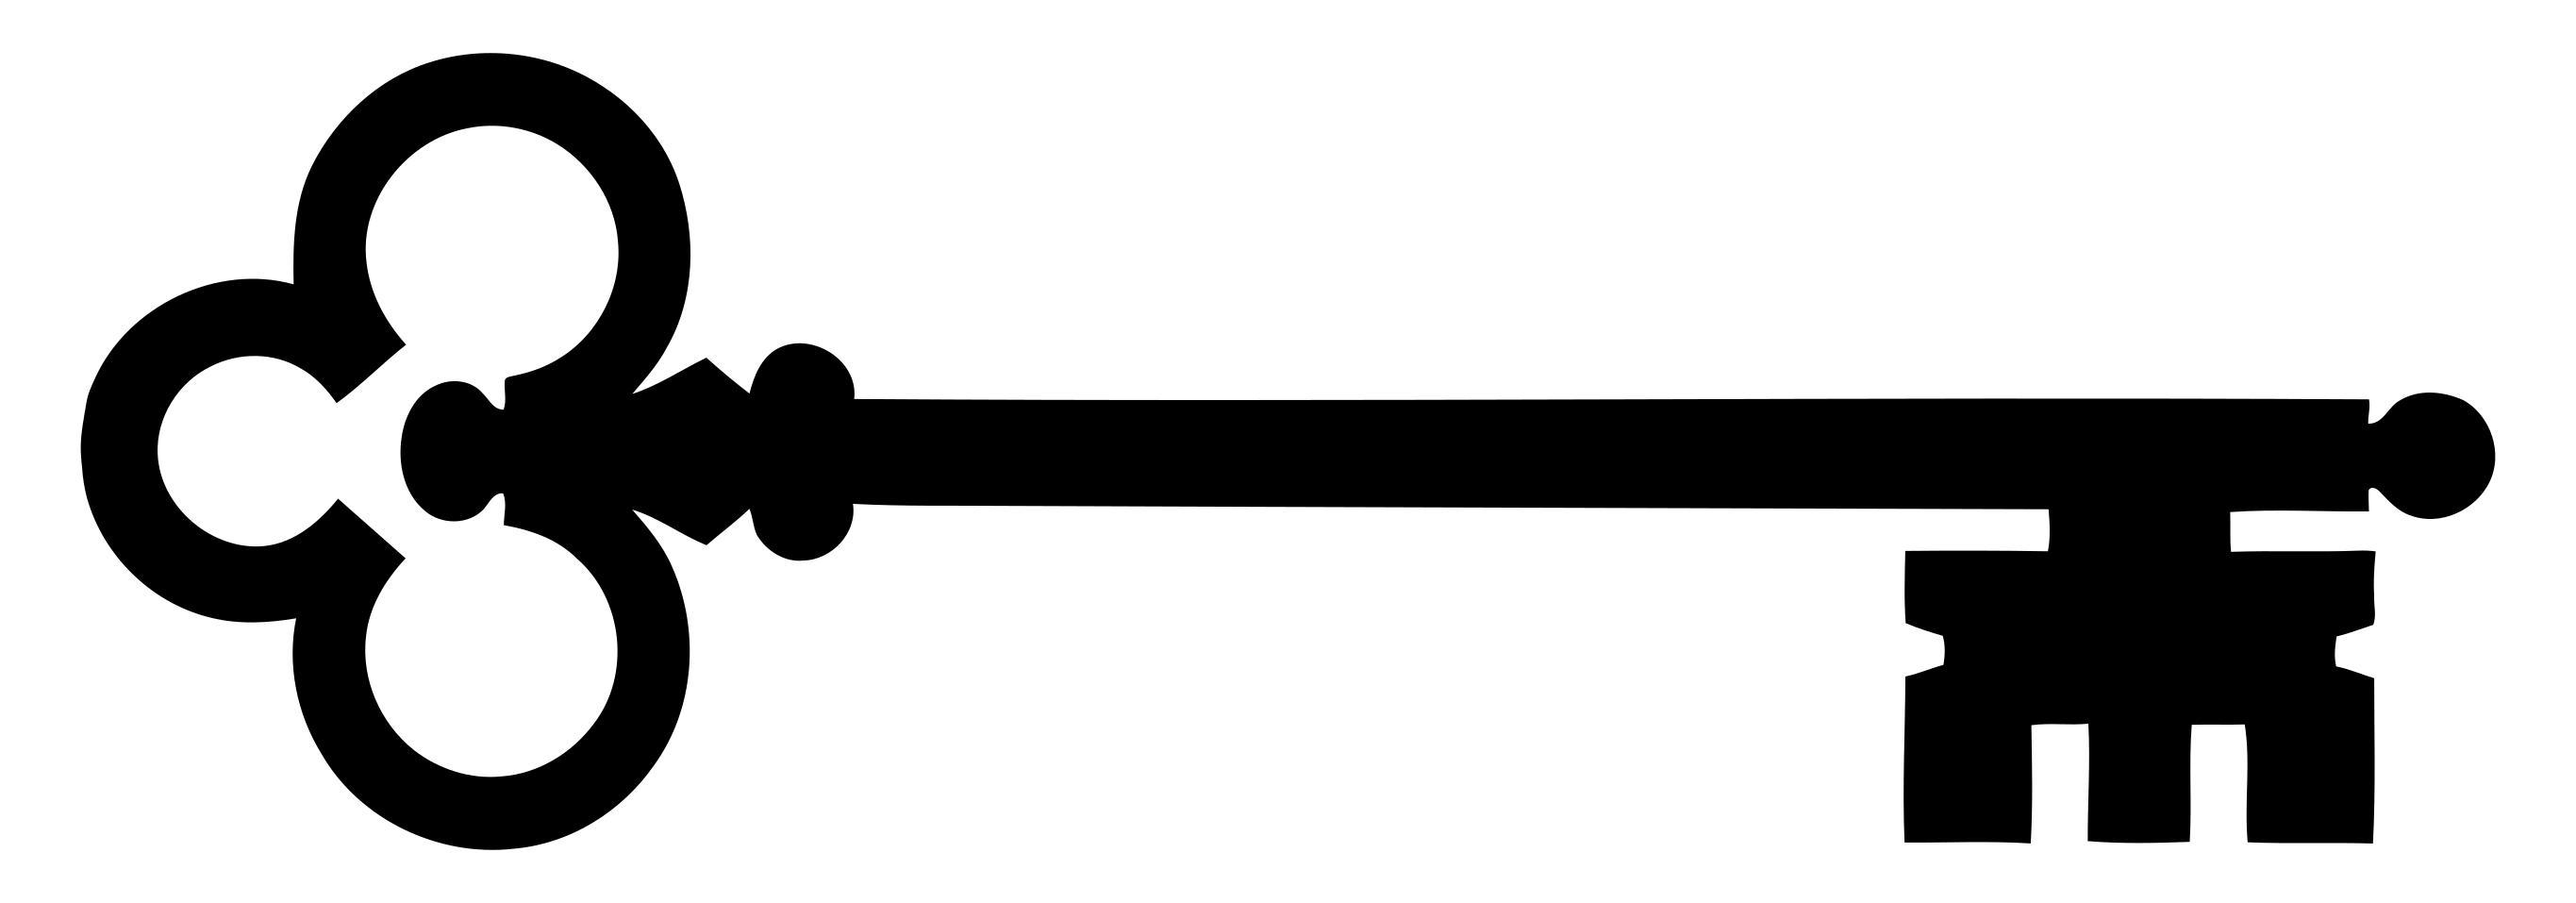 2731x957 Skeleton Key Silhouette Clipart